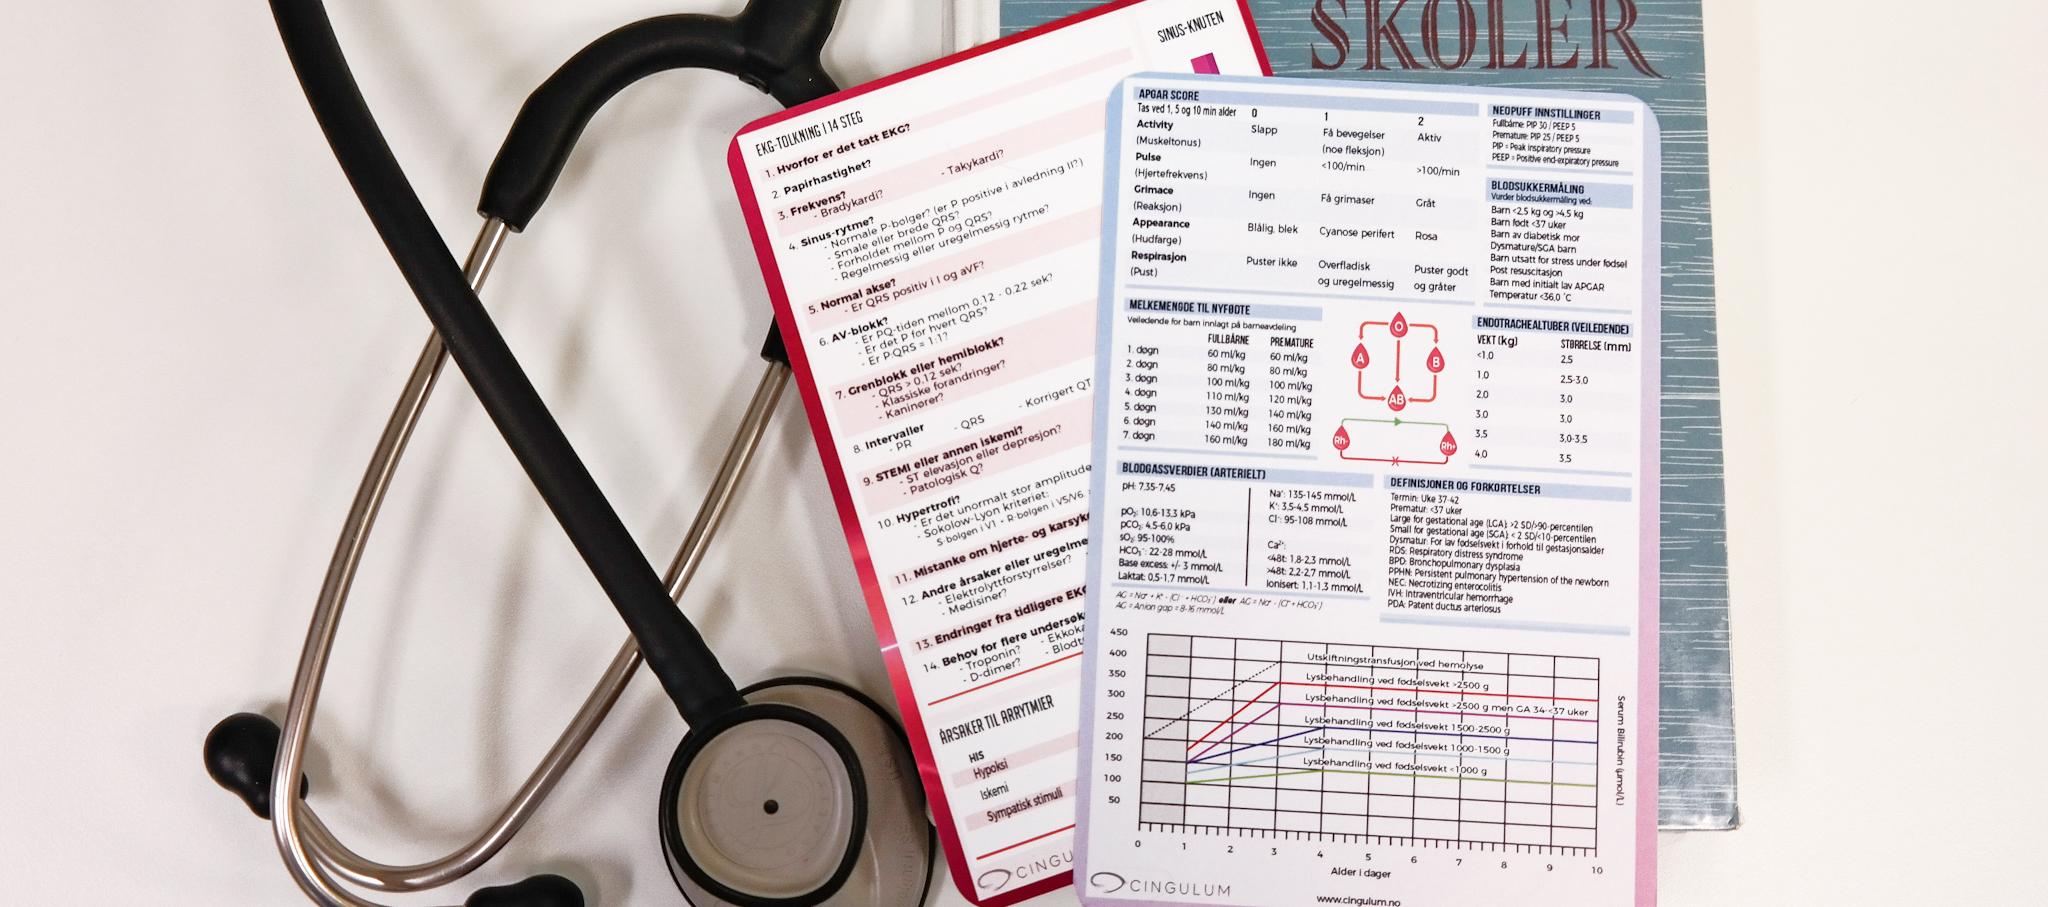 Bilde av medisinske referansekort med pediatri kort øverst, Cingulum